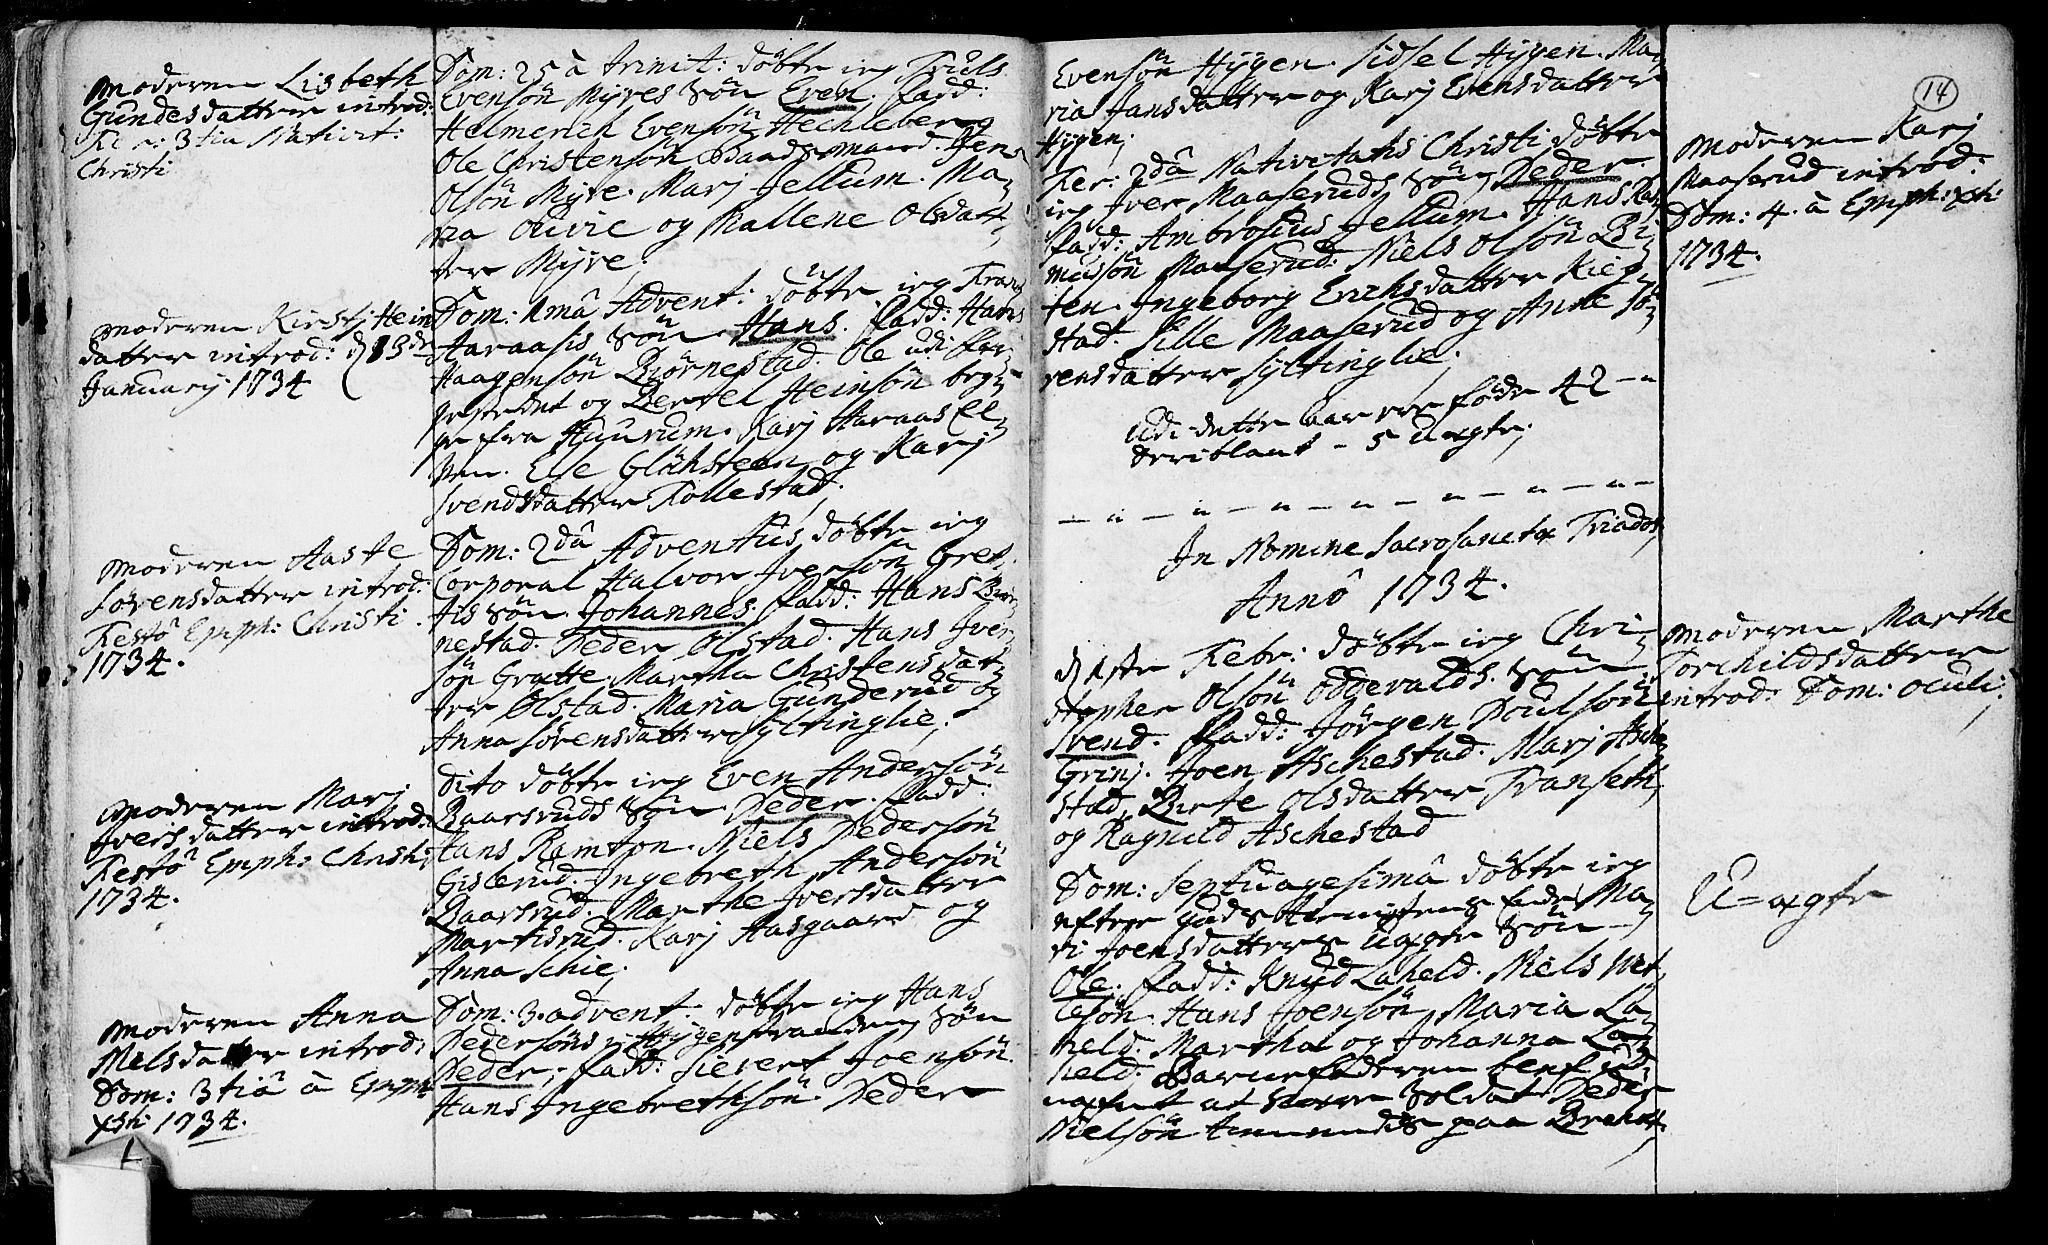 SAKO, Røyken kirkebøker, F/Fa/L0002: Ministerialbok nr. 2, 1731-1782, s. 14